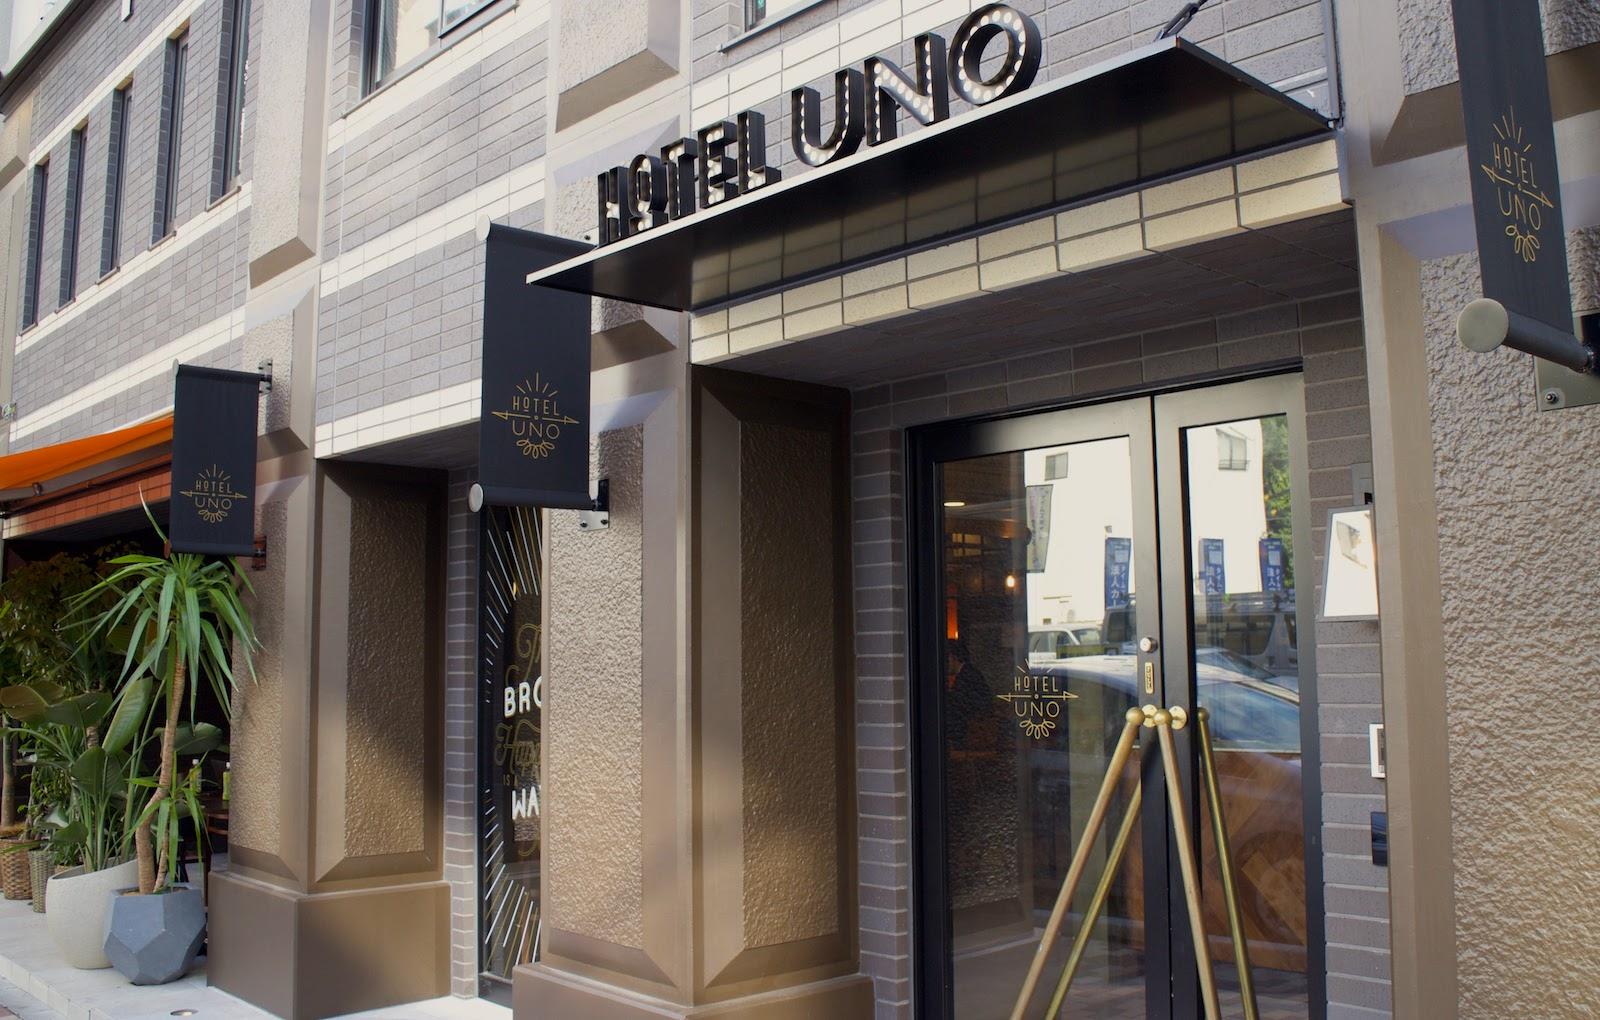 Hotel Uno exterior 2